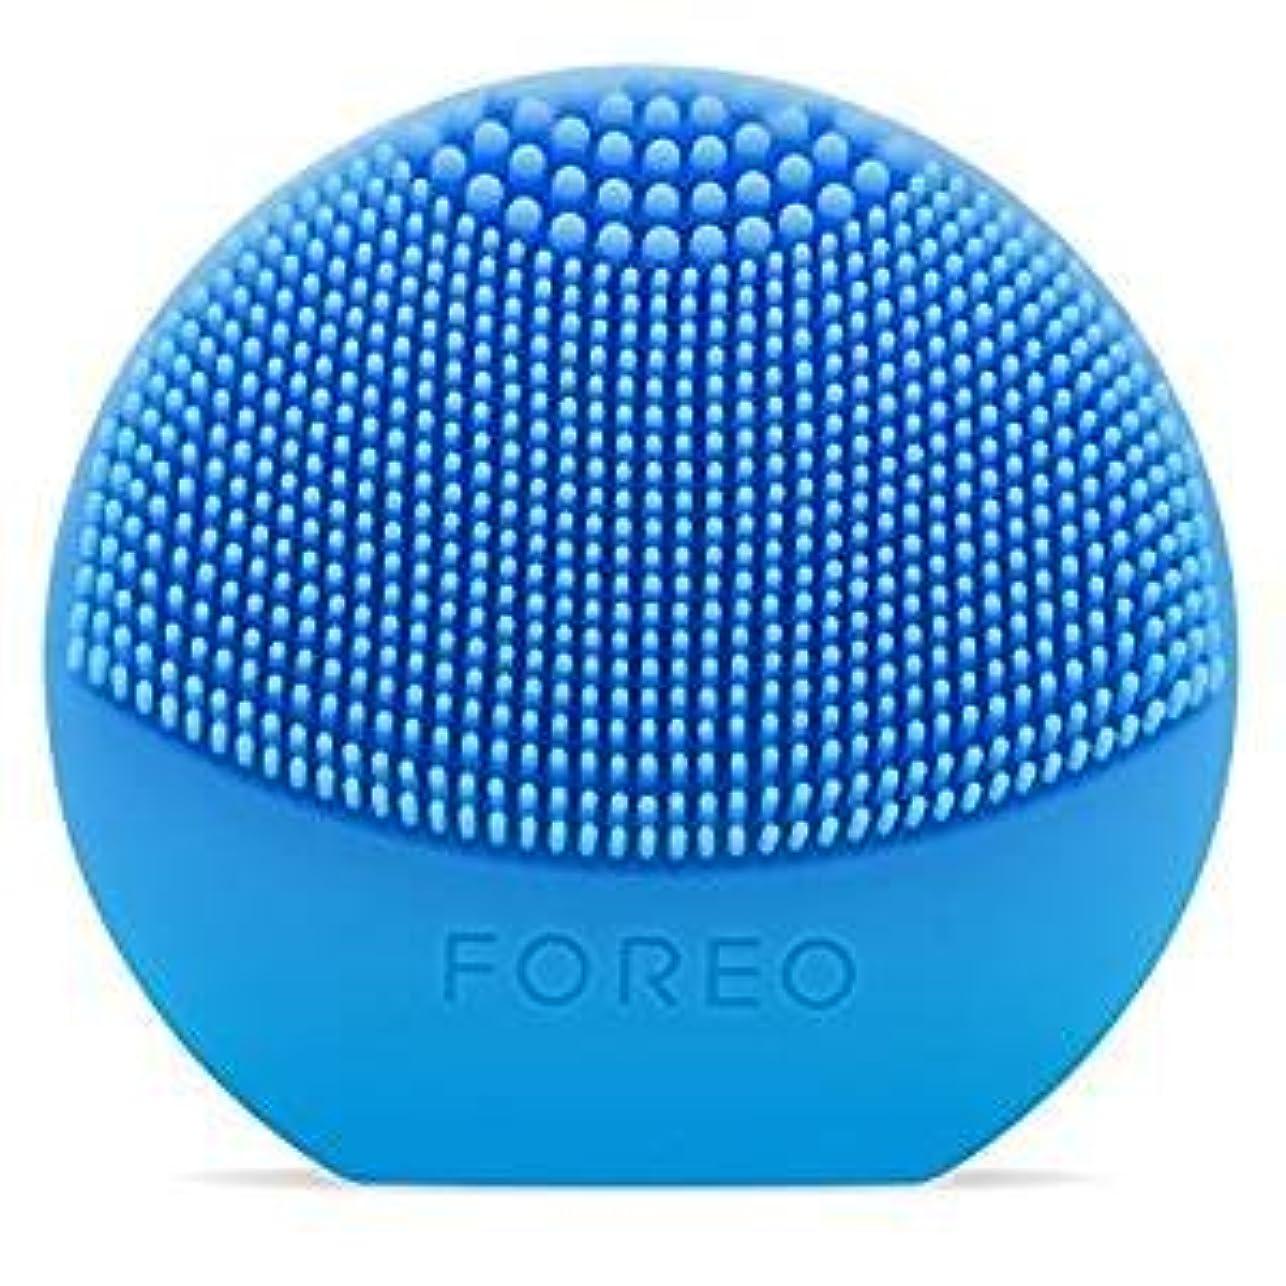 長方形刺します冷笑するFOREO LUNA Play Plus アクアマリン シリコーン製 音波振動 電動洗顔ブラシ 電池式